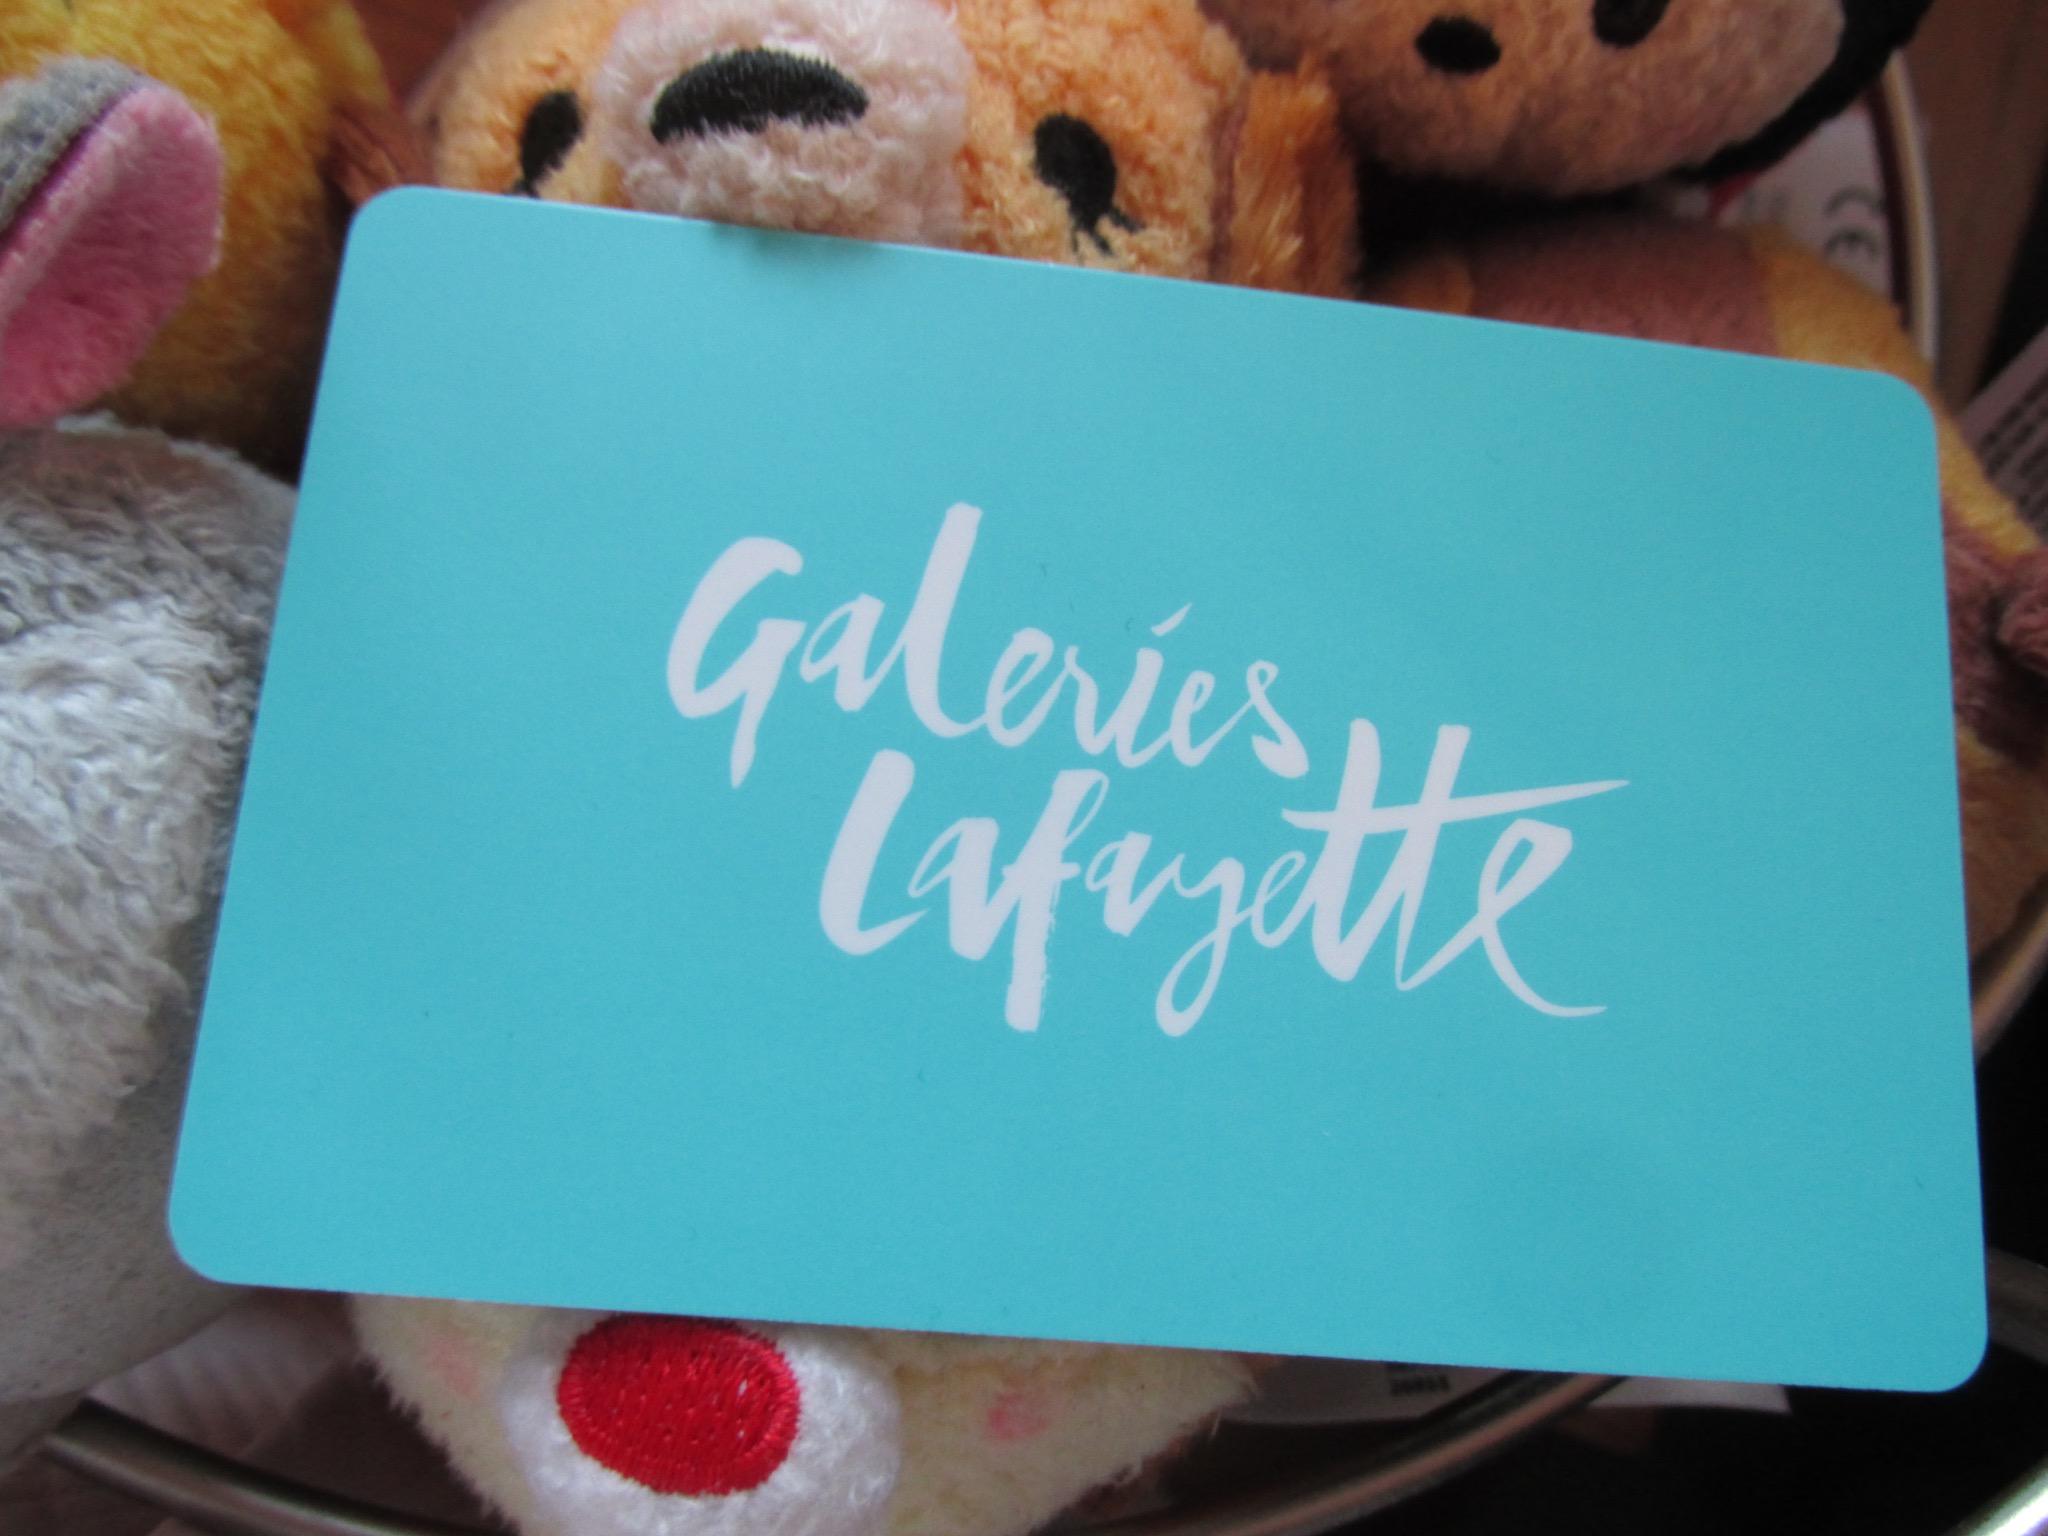 blog mode nantes galeries lafayette carte cadeau cent - Galeries Lafayette Liste De Mariage Faire Un Cadeau